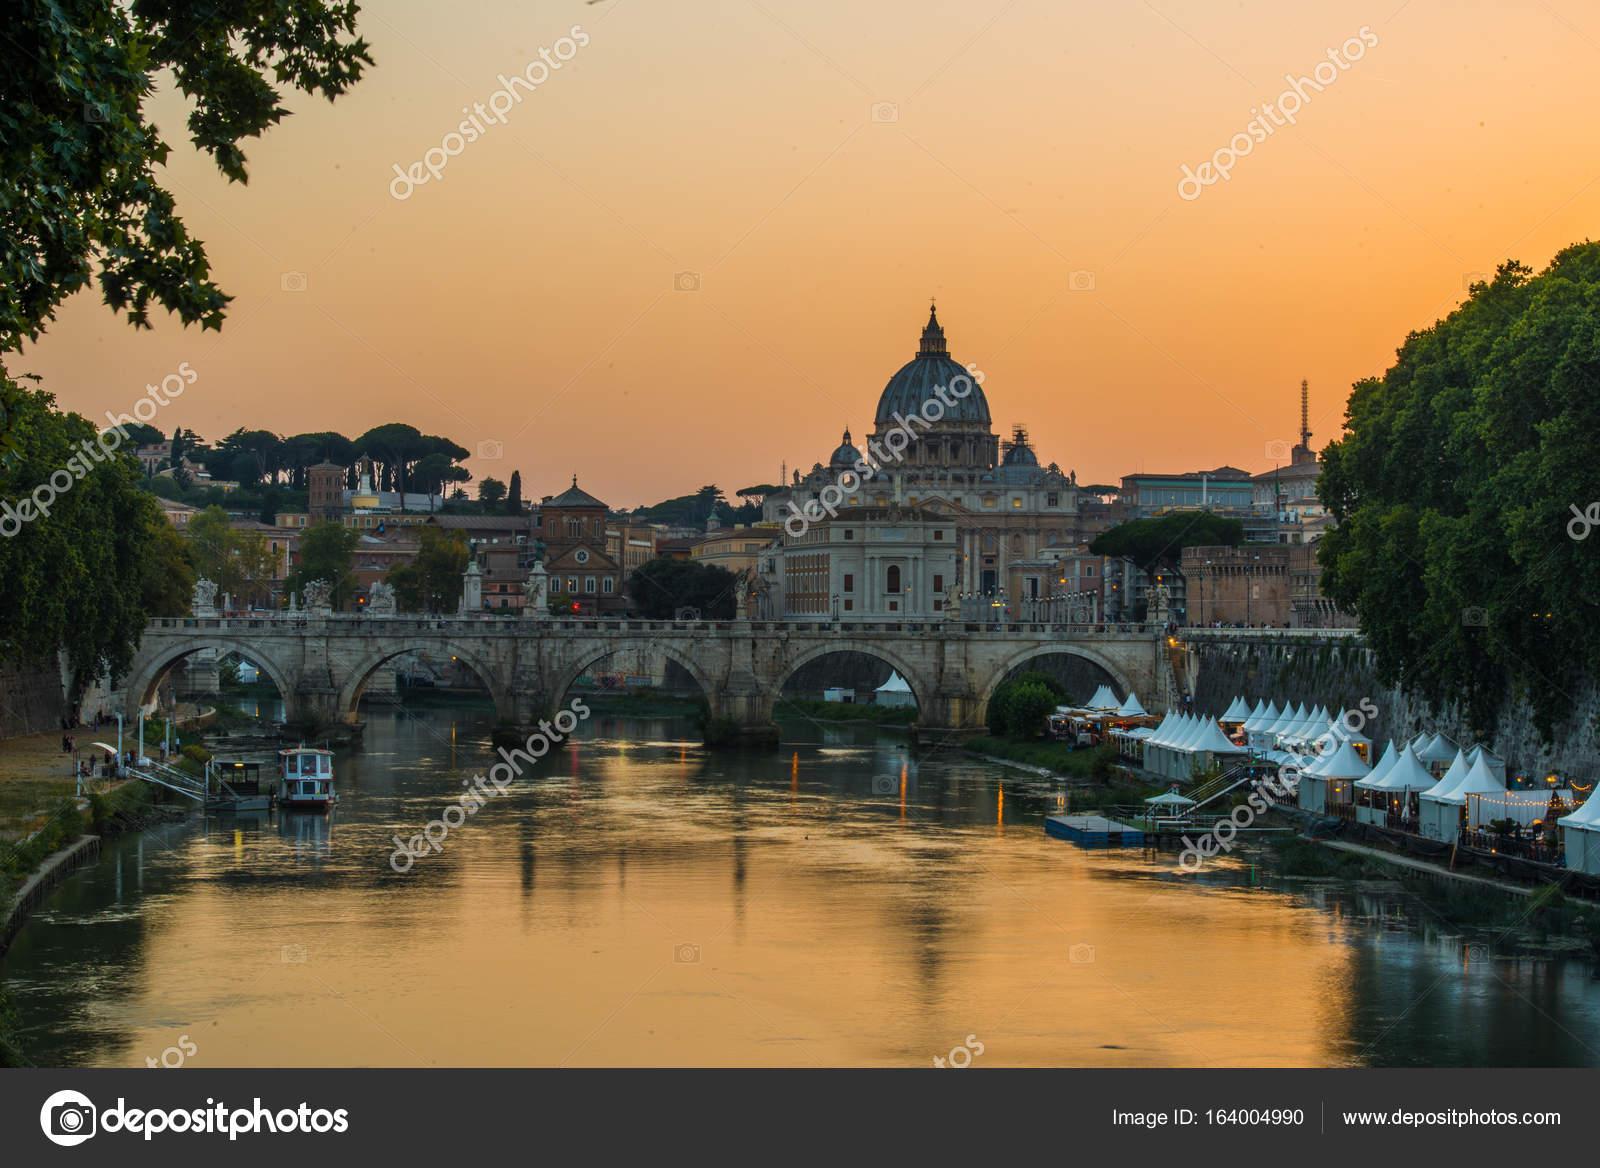 0b7c69322a Immagine del fiume Tevere, tra cui: Basilica di San Pietro e Ponte Sant  Angelo in background. Roma - Italia.– immagine stock